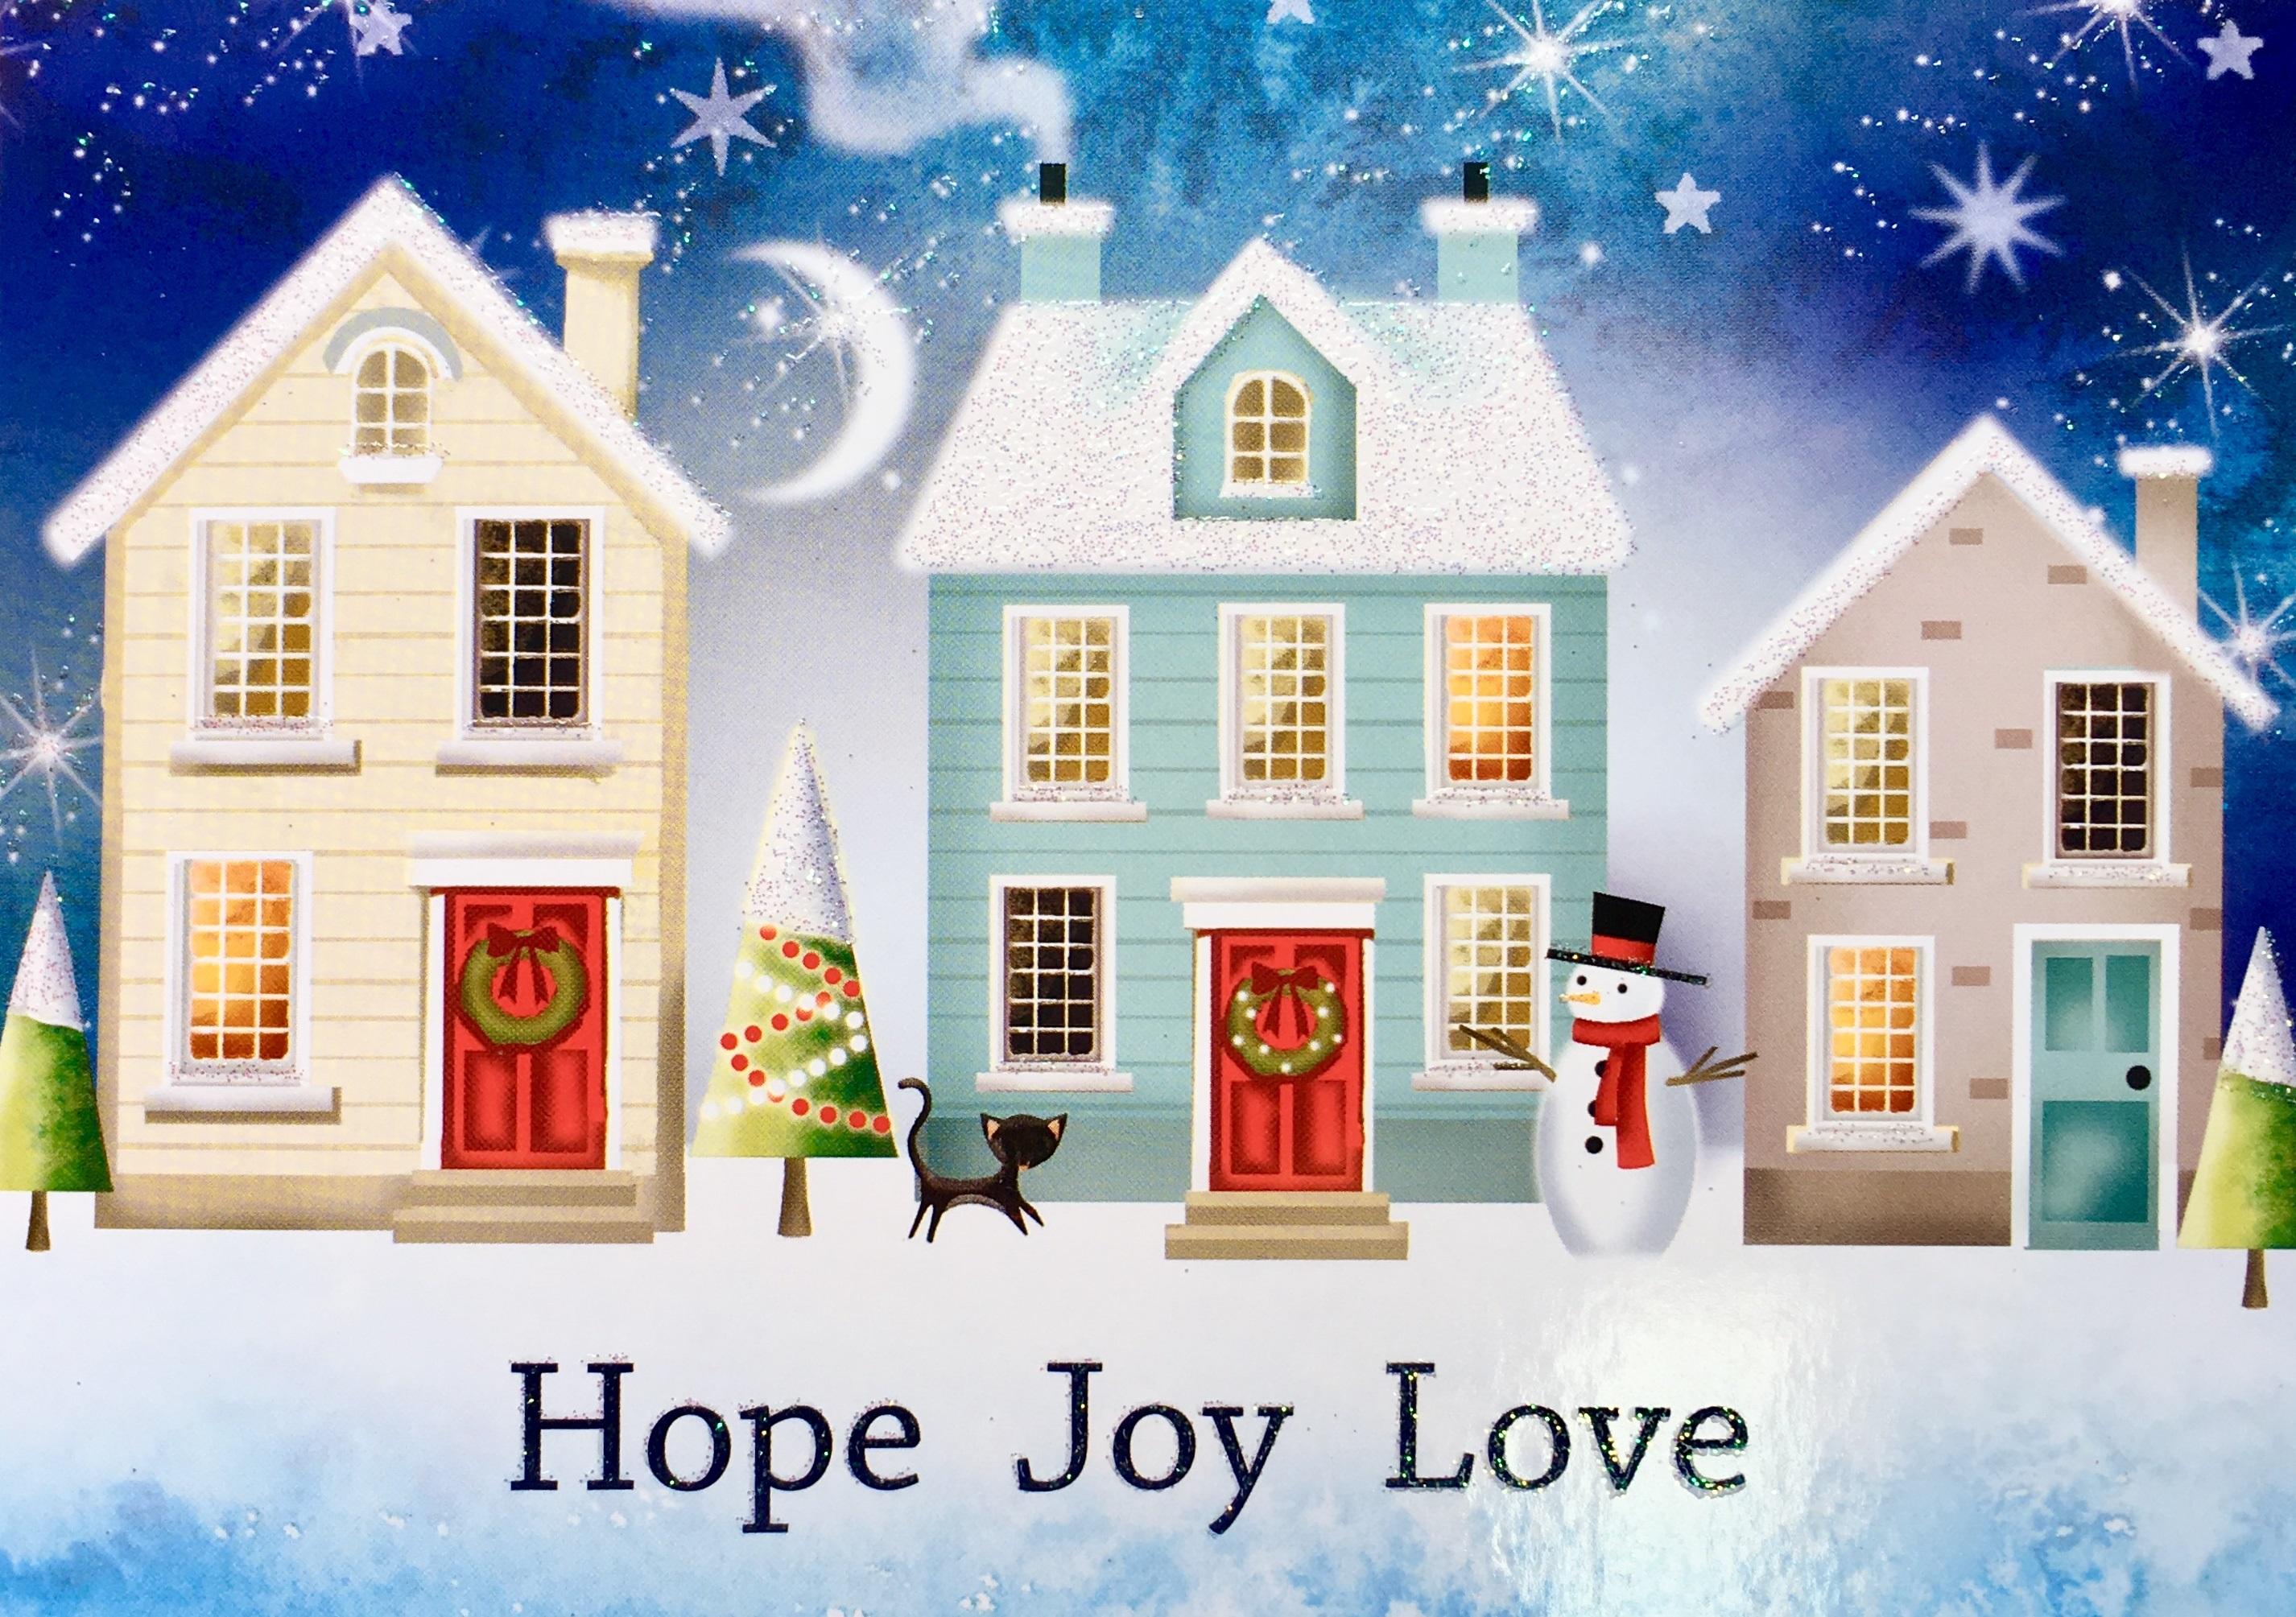 Hope, Joy, Love\' Christmas Cards - A-T Society